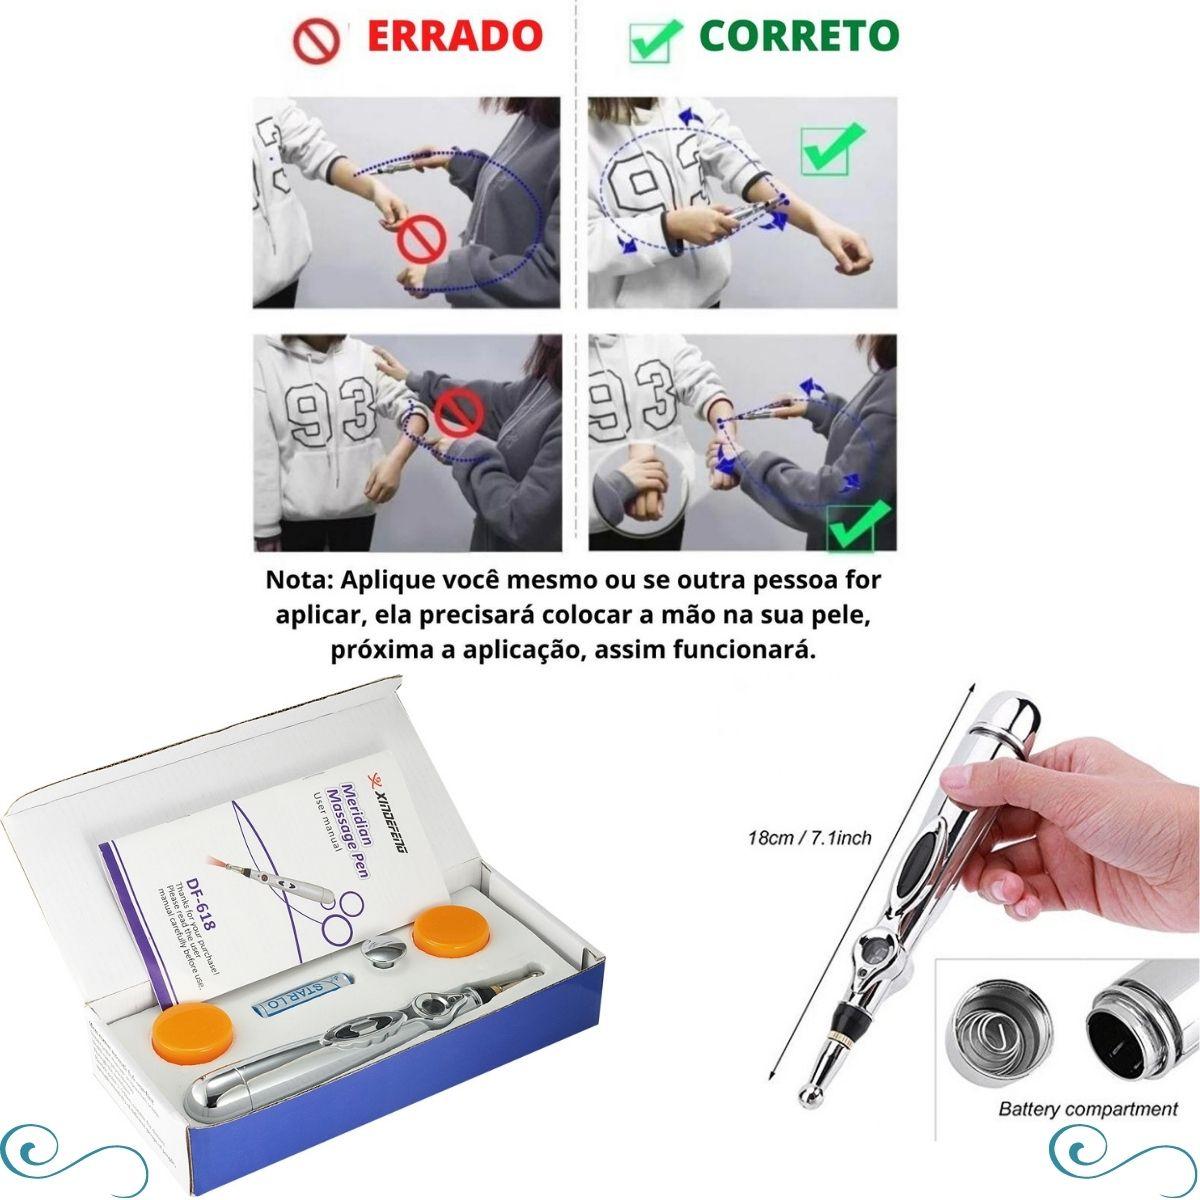 Caneta Eletrônica Acupuntura Pulsos Elétricos Estimulantes